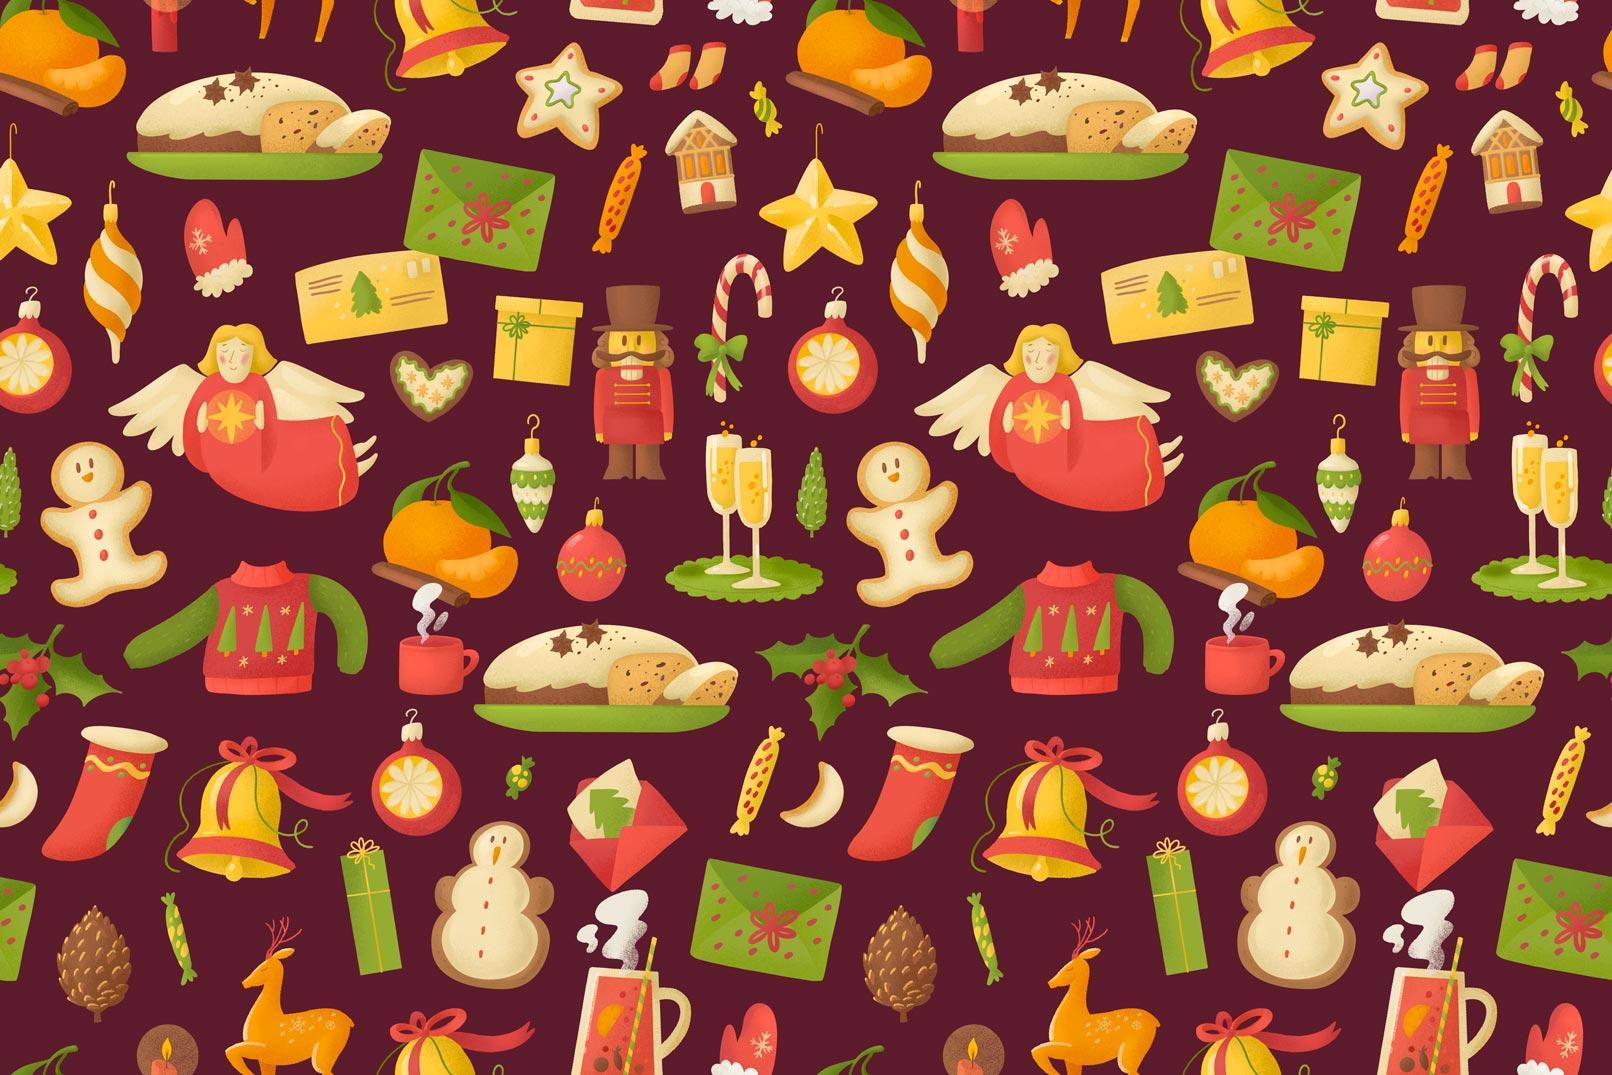 Weihnachtliche Muster und Illustrationen: Weihnachtsgrafiken vor rotem Hintergrund